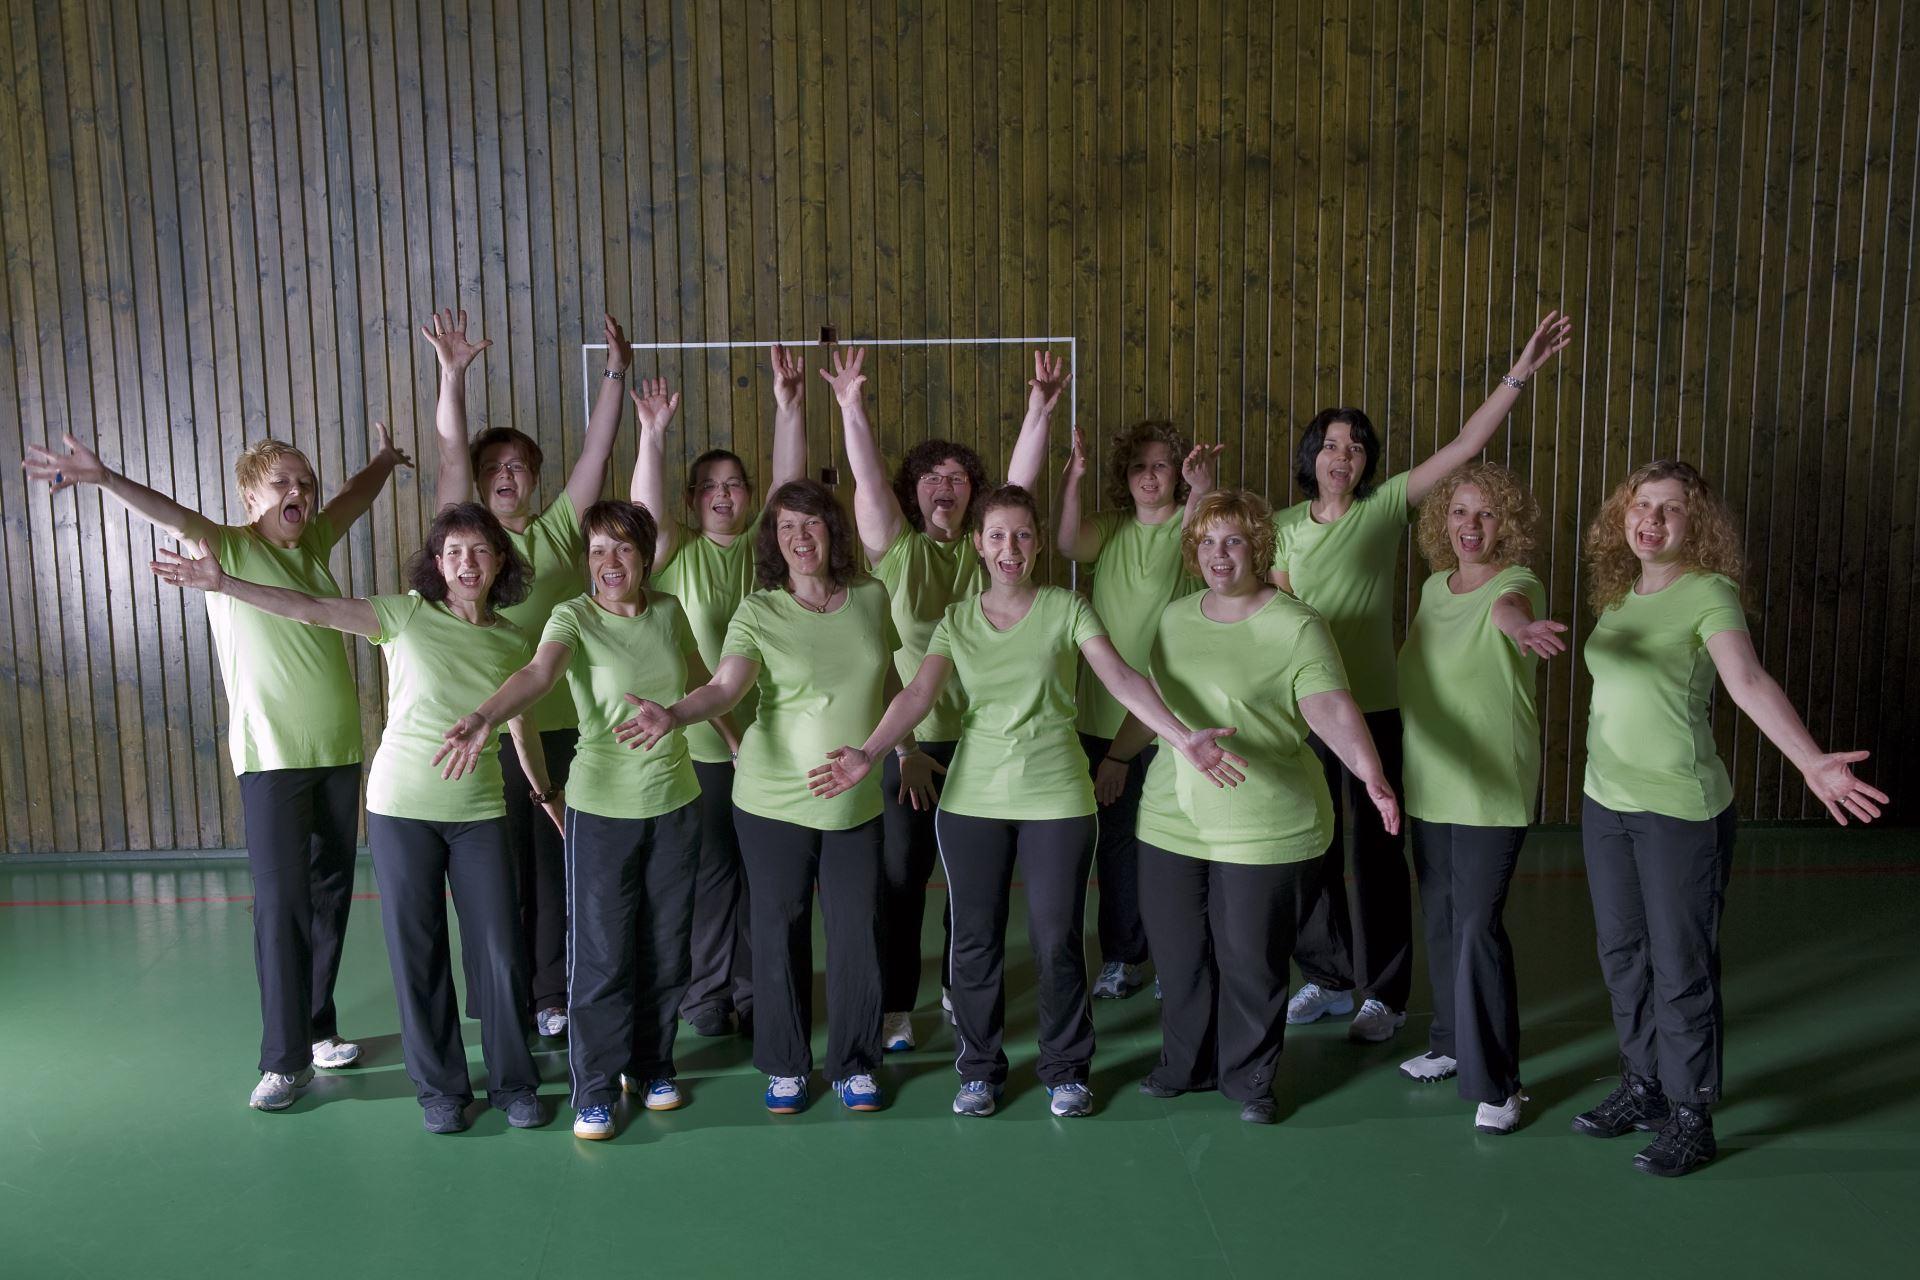 Donnerstagsgruppe im Jahr 2010 (04)